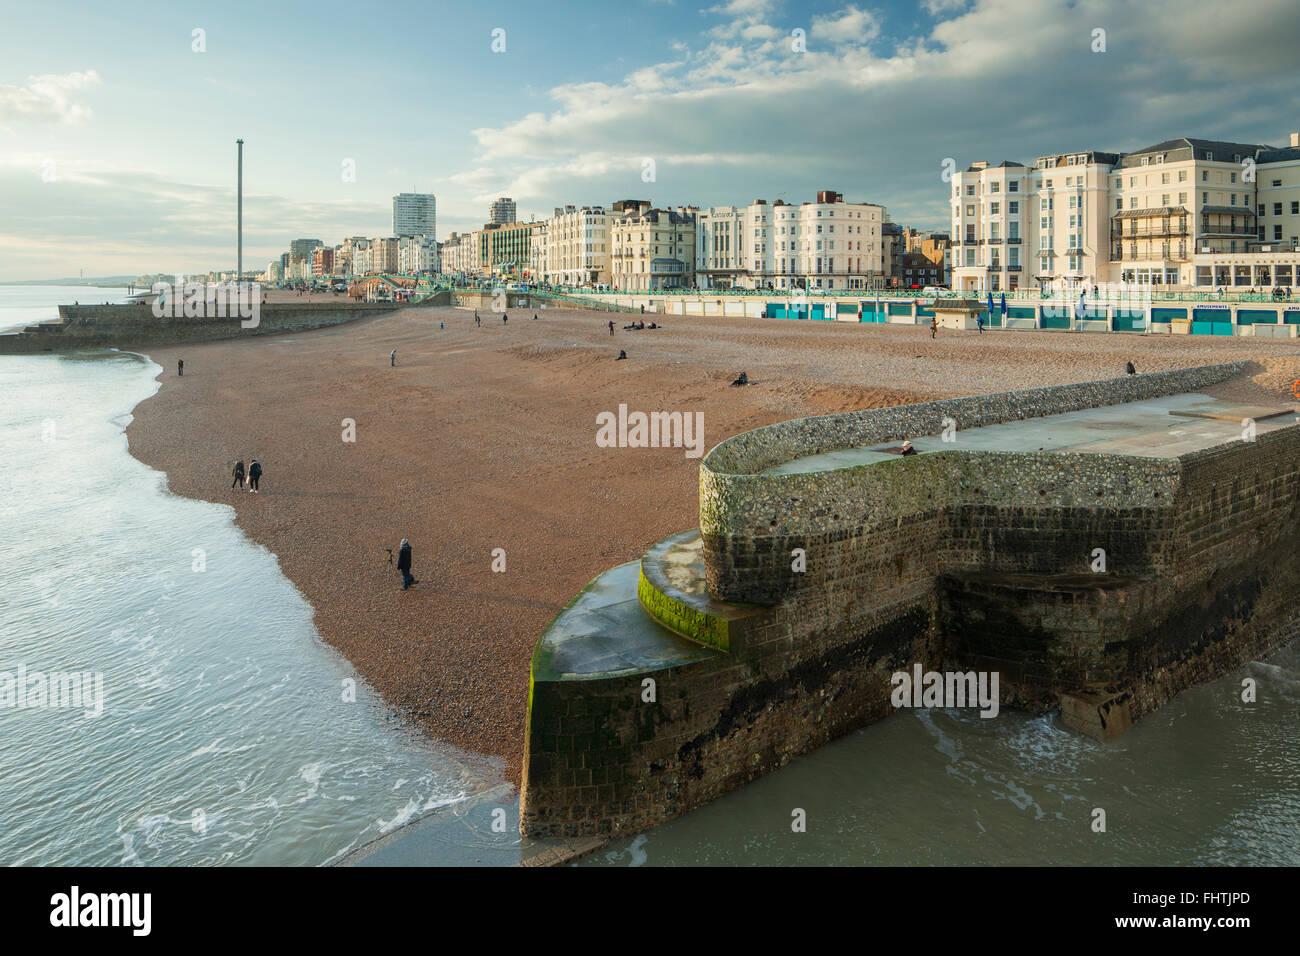 Après-midi d'hiver sur le front de mer de Brighton, East Sussex, Angleterre. Photo Stock